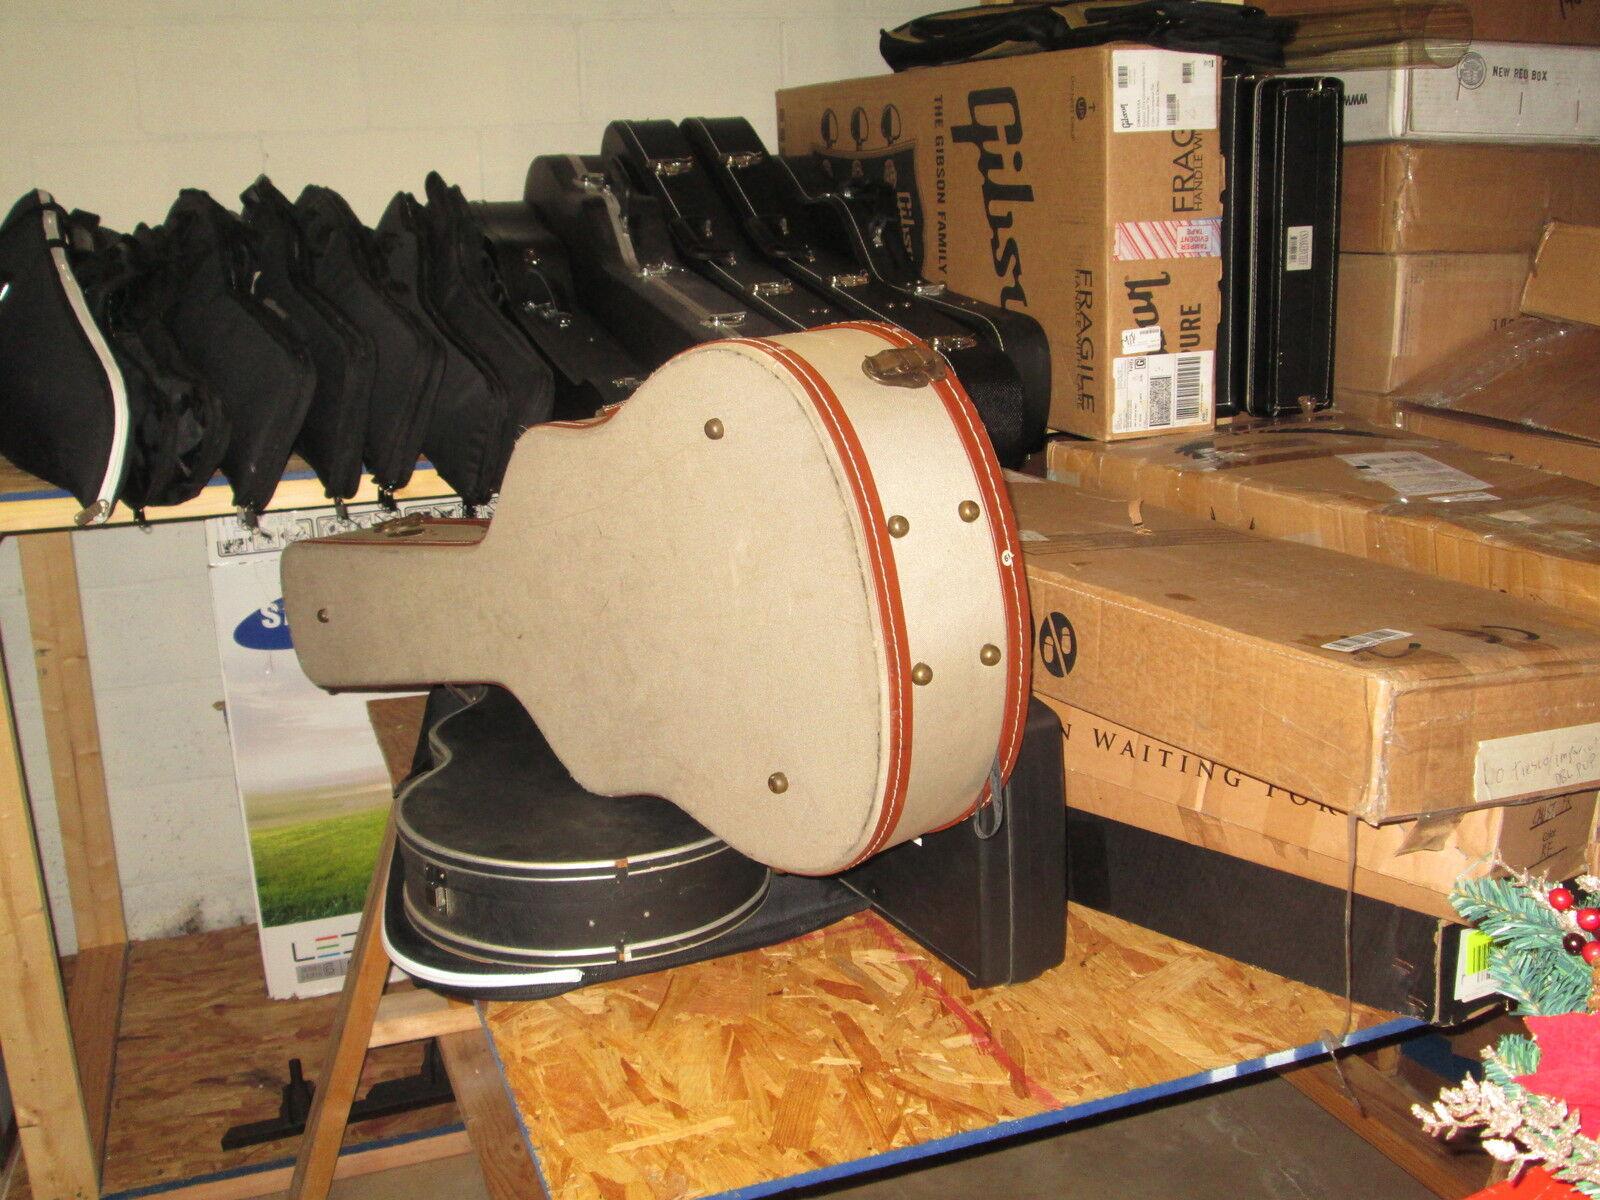 garage gear u.s.a